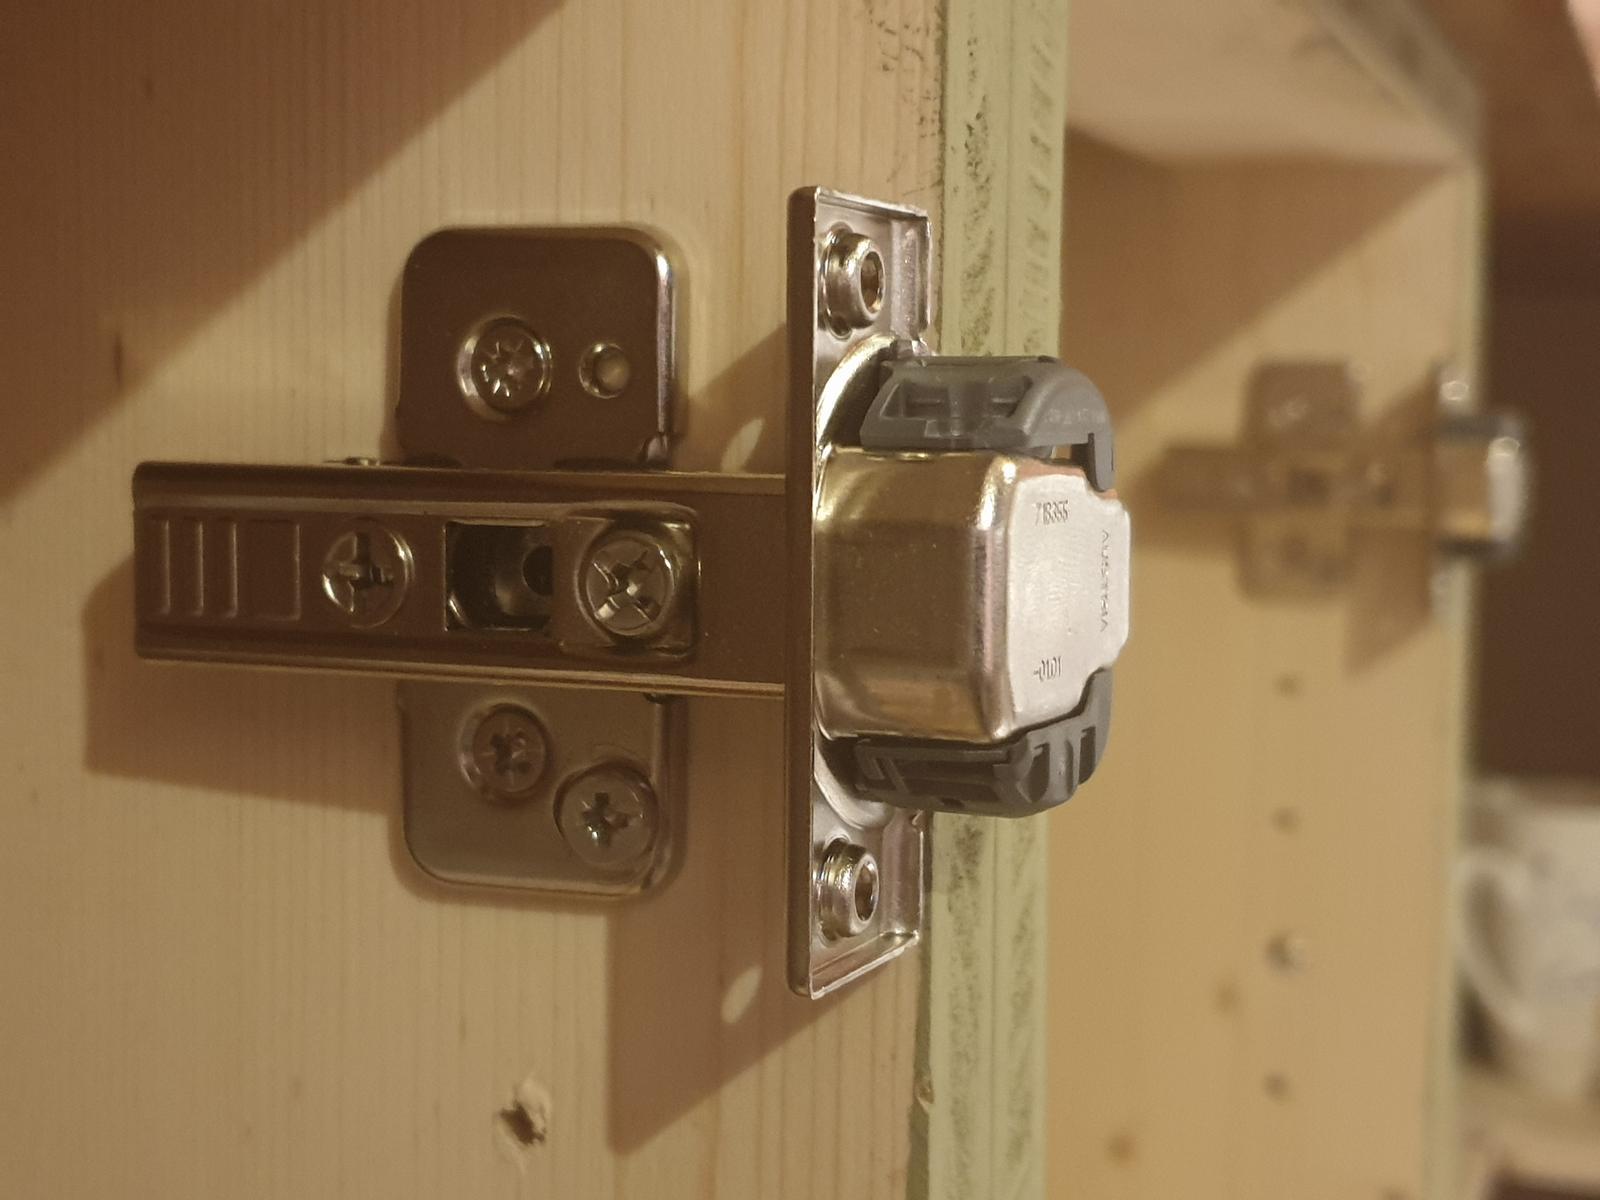 Kuchyňa svojpomocne - Závesy na dvere namontované. Zatiaľ iba na skrinky, kde budú obyčajne dvierka, nie rohové.